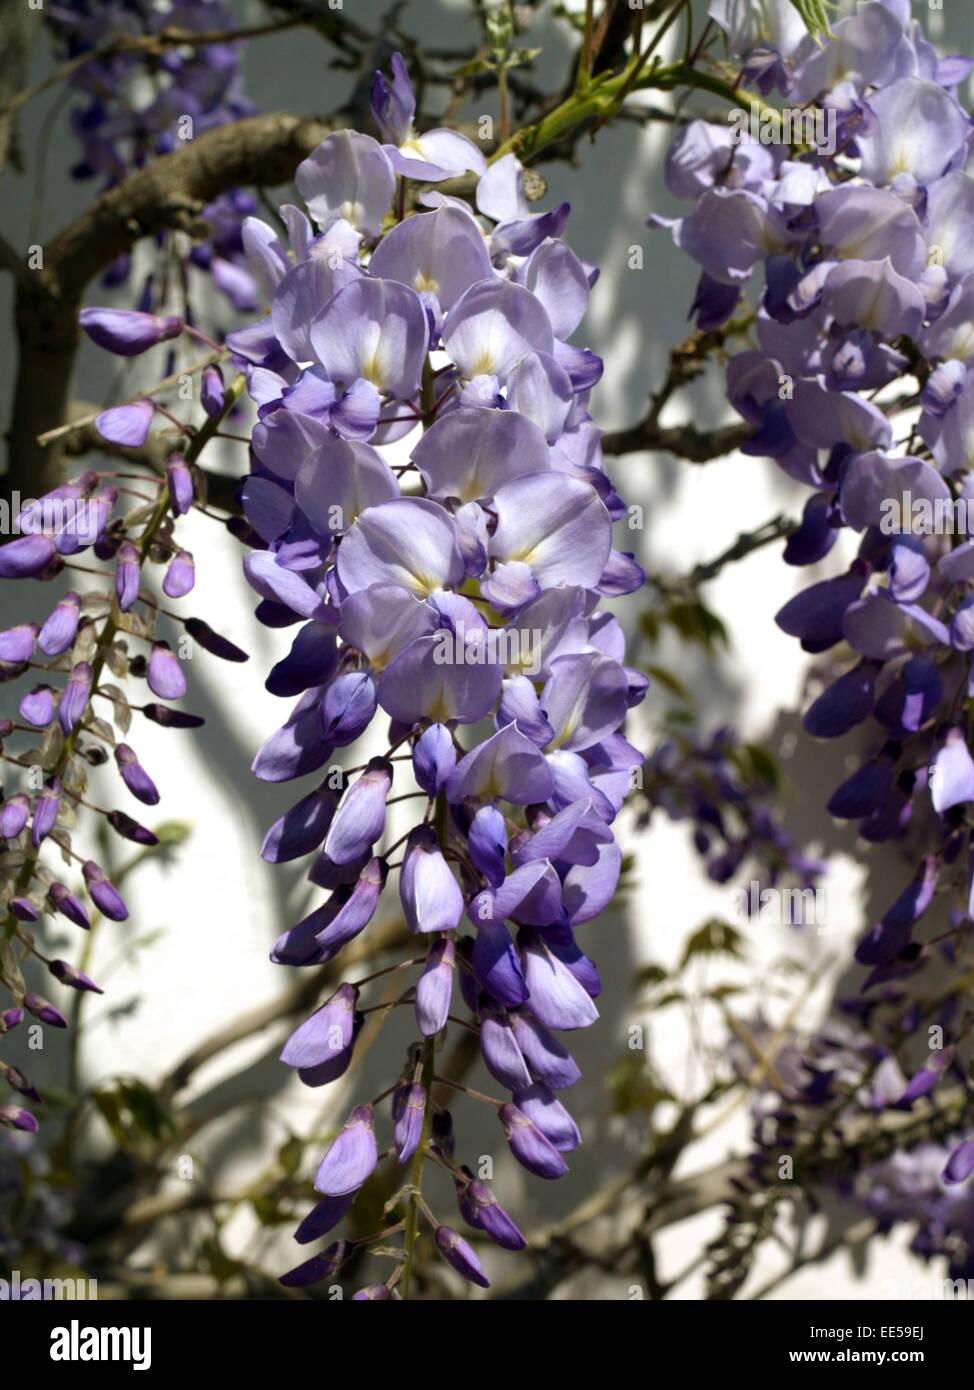 strauch japanischer blauregen wisteria floribunda stock photos strauch japanischer blauregen. Black Bedroom Furniture Sets. Home Design Ideas